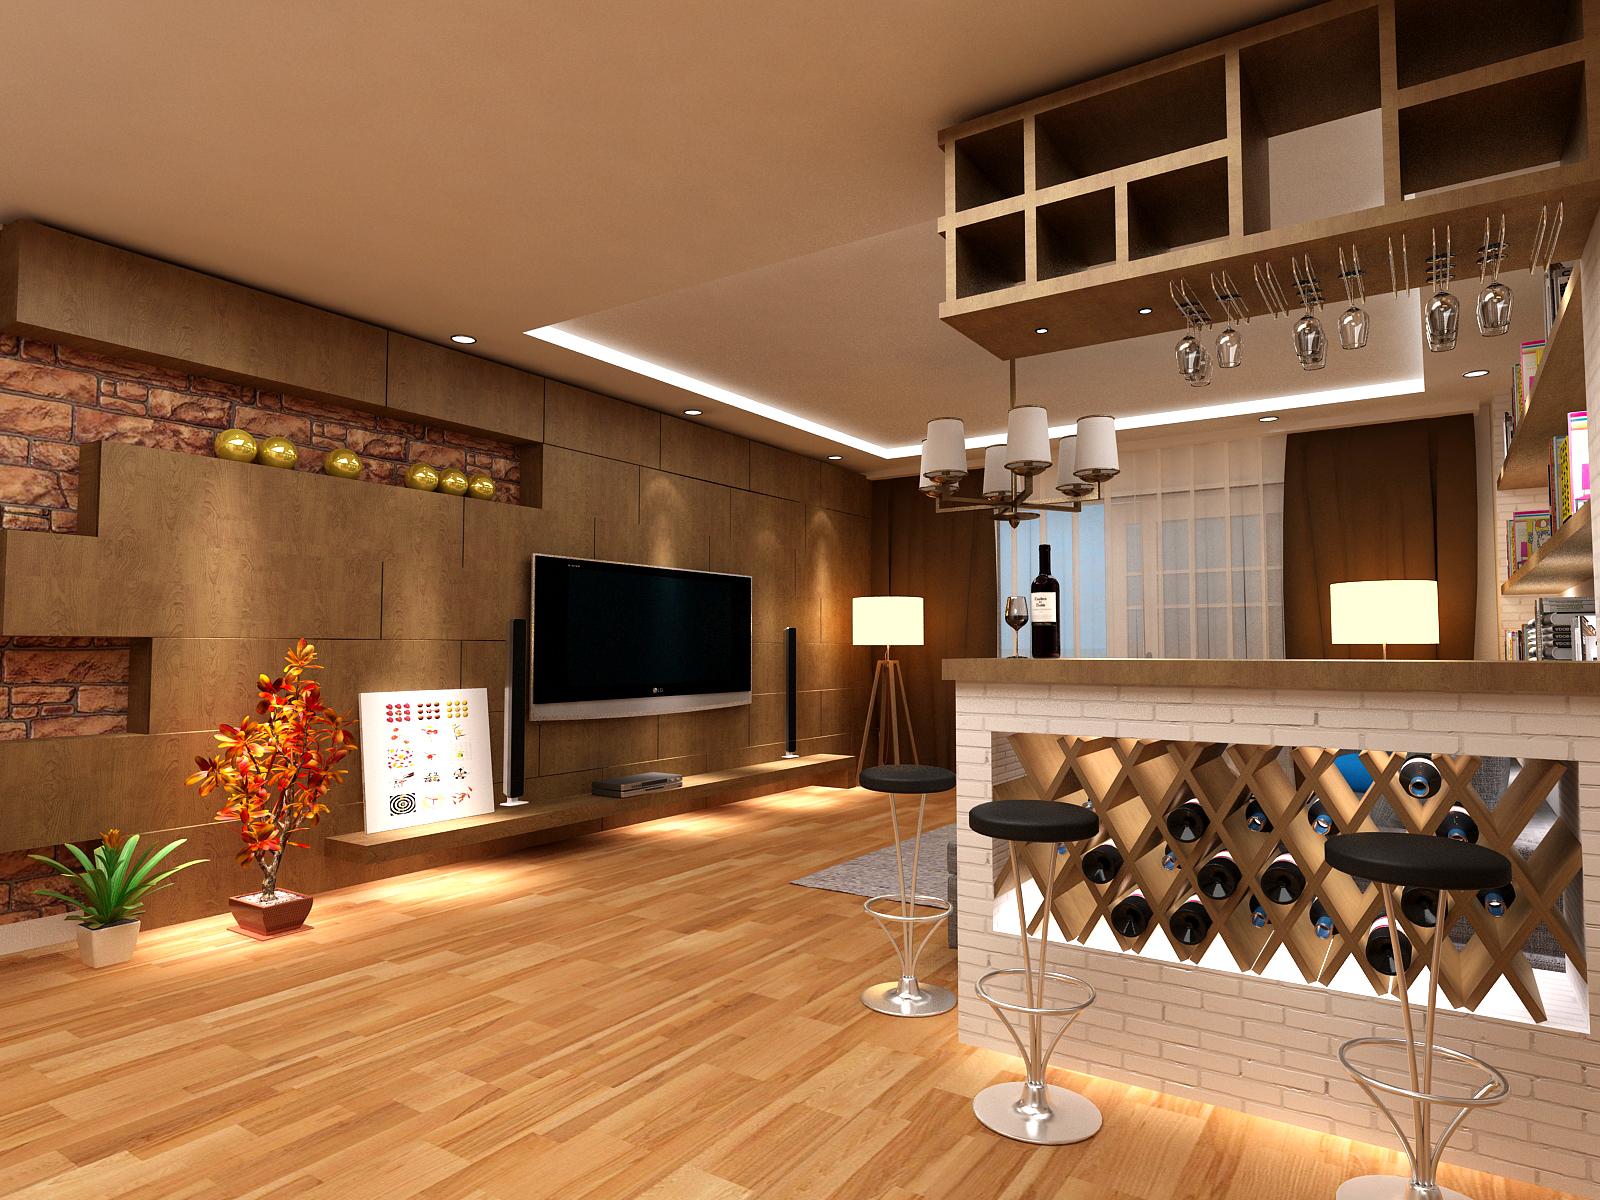 北欧风格|空间|室内设计|escapetomato - 原创作品